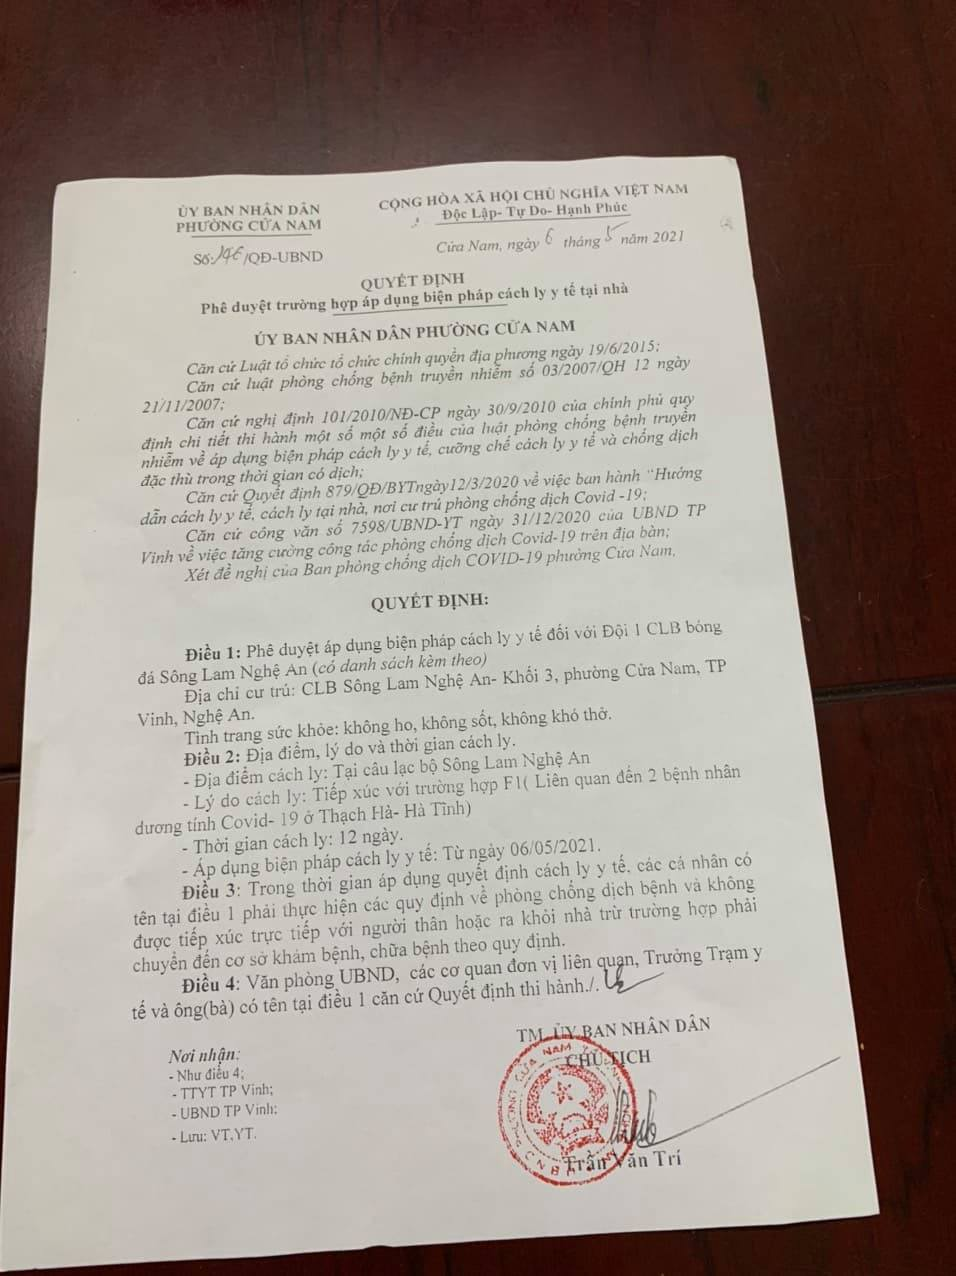 Nóng: Toàn bộ đội 1 của CLB bóng đá Sông Lam Nghệ An bị cách ly vì Covid-19 - Ảnh 2.